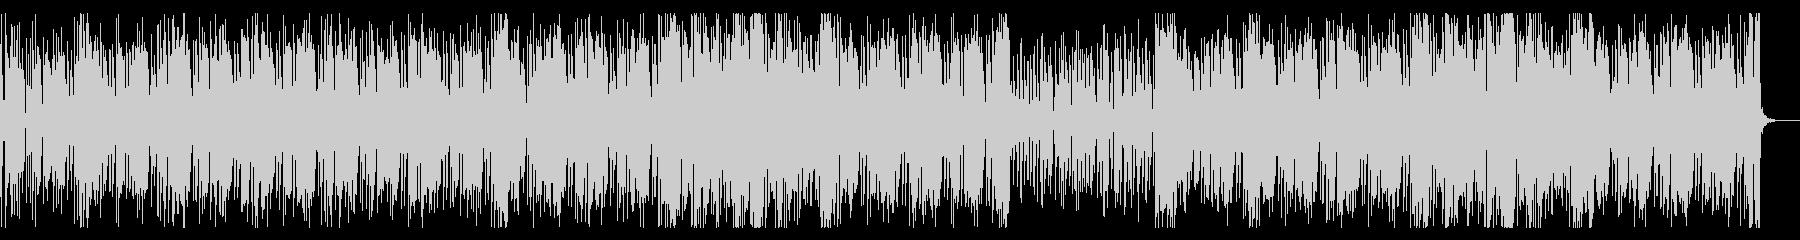 80年代テイストあふれるファンクR&B2の未再生の波形